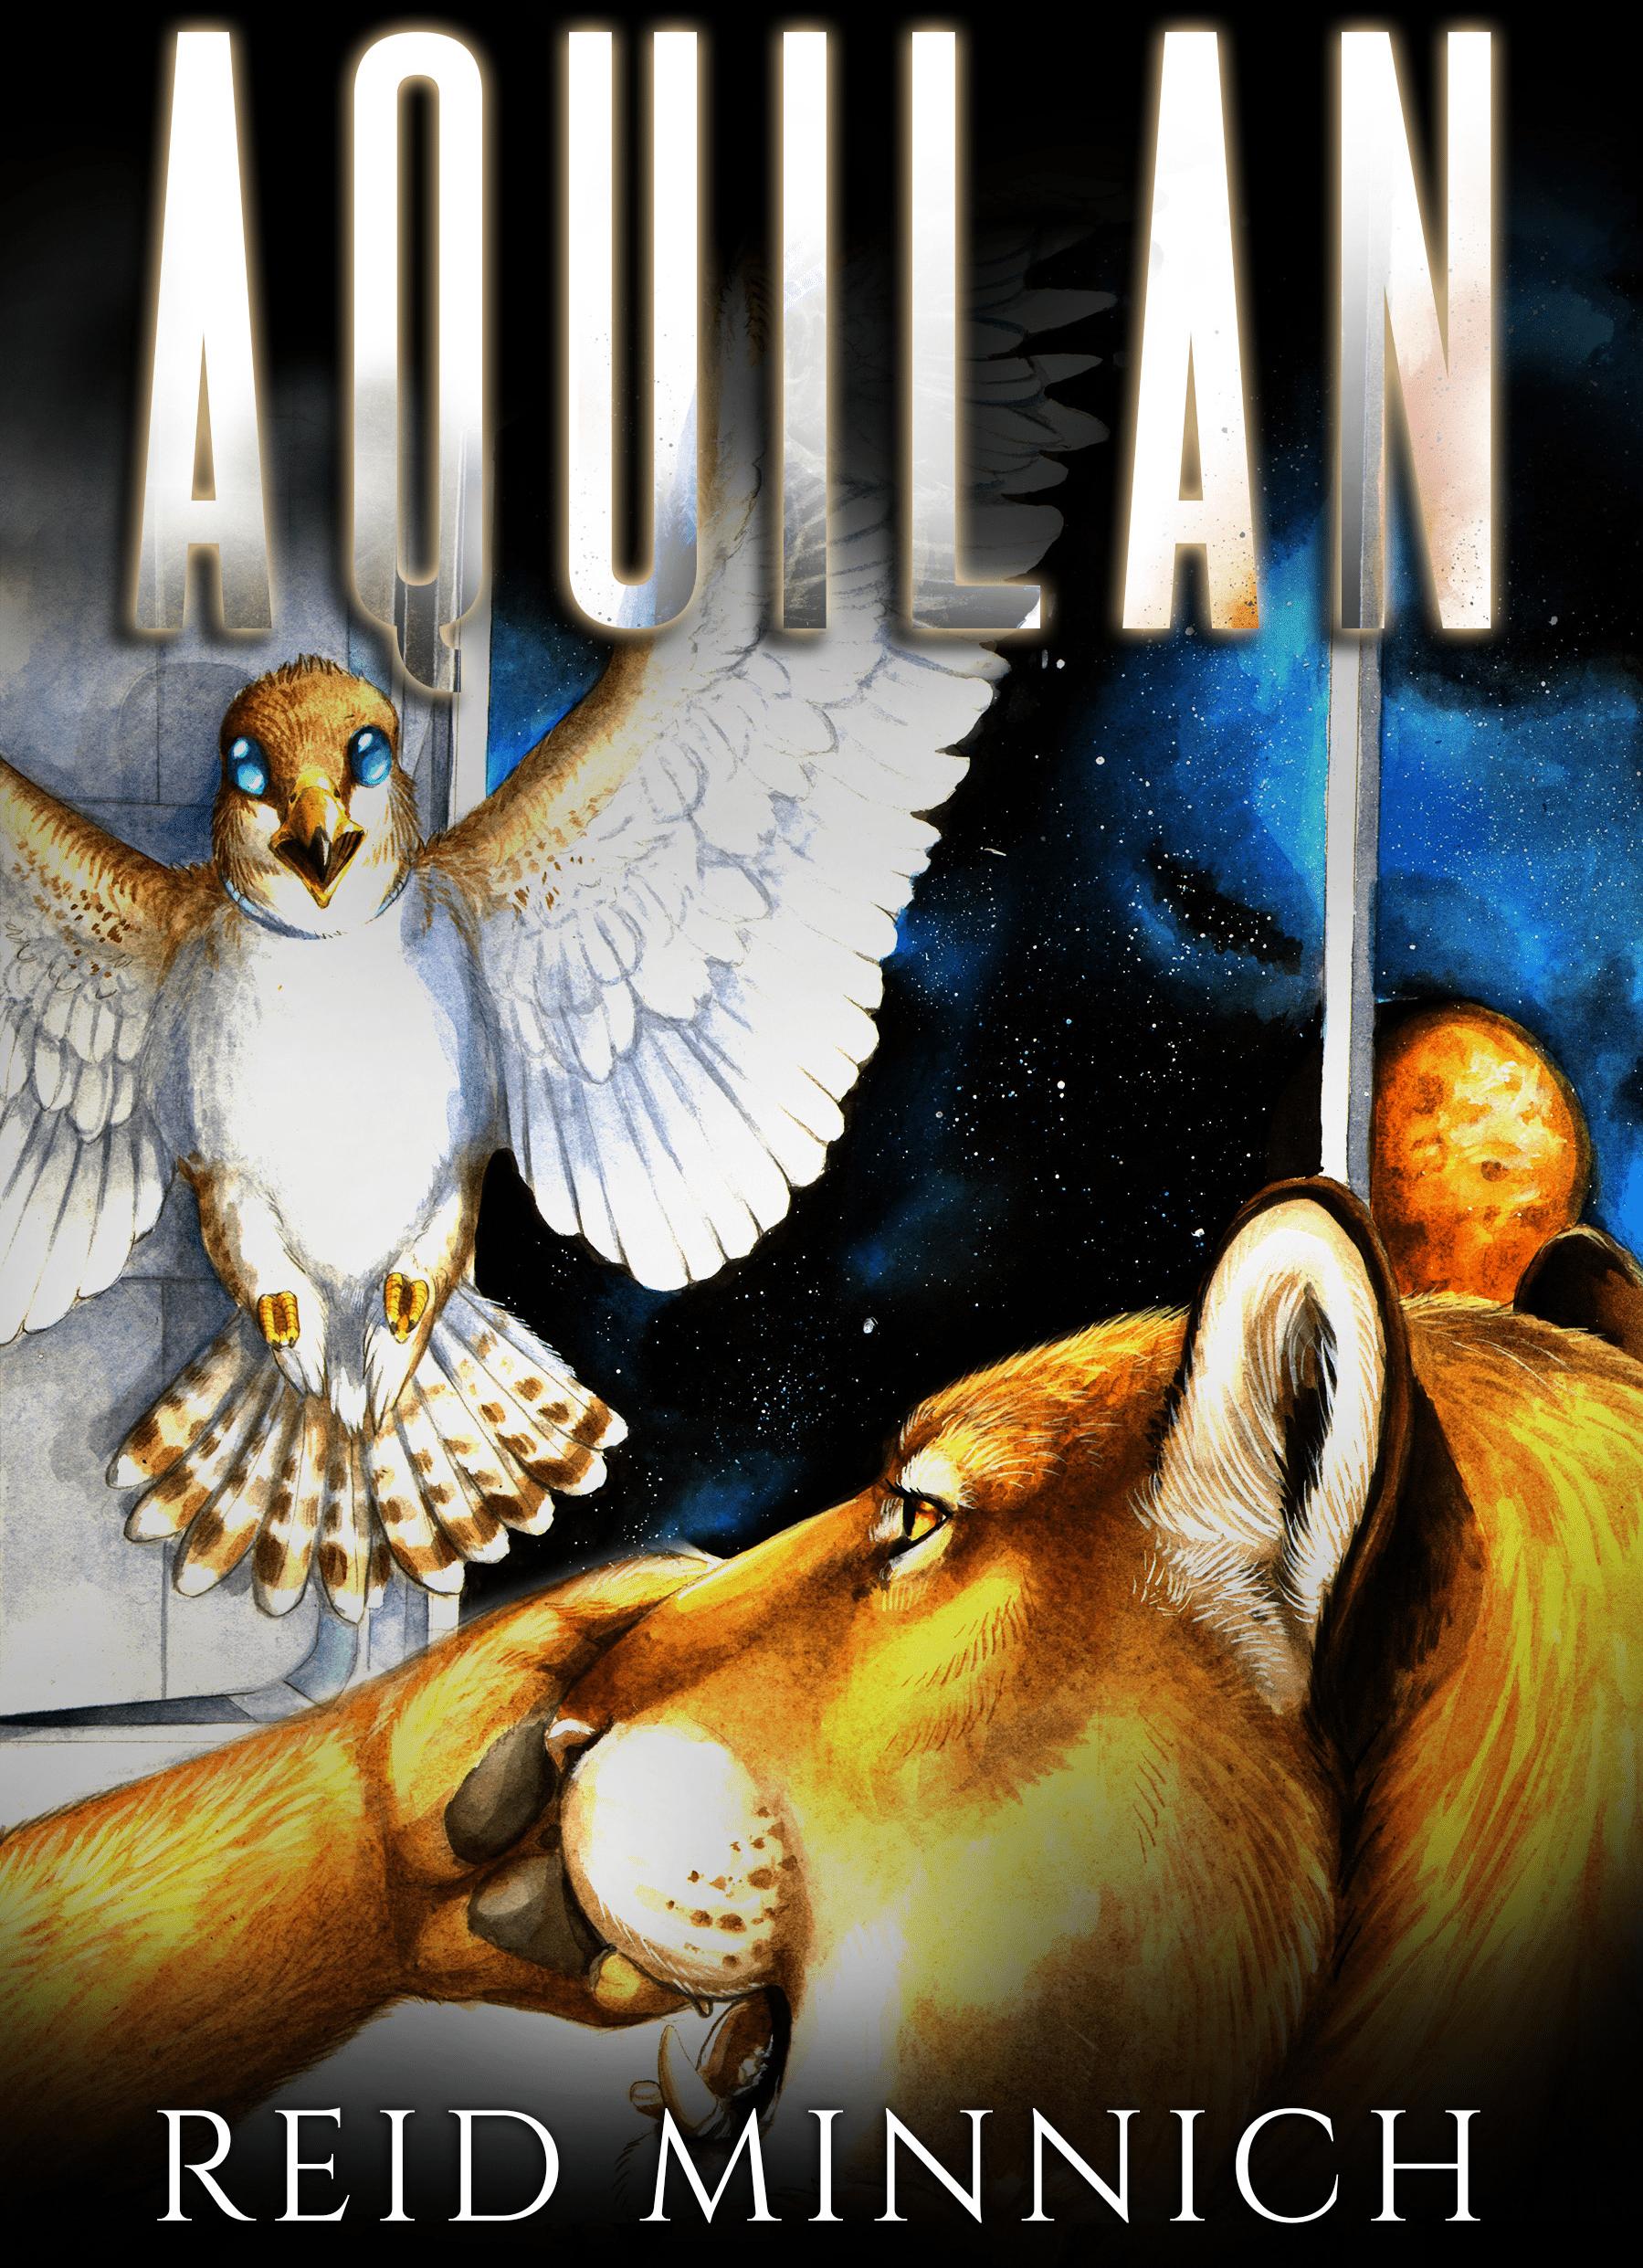 Aquilan